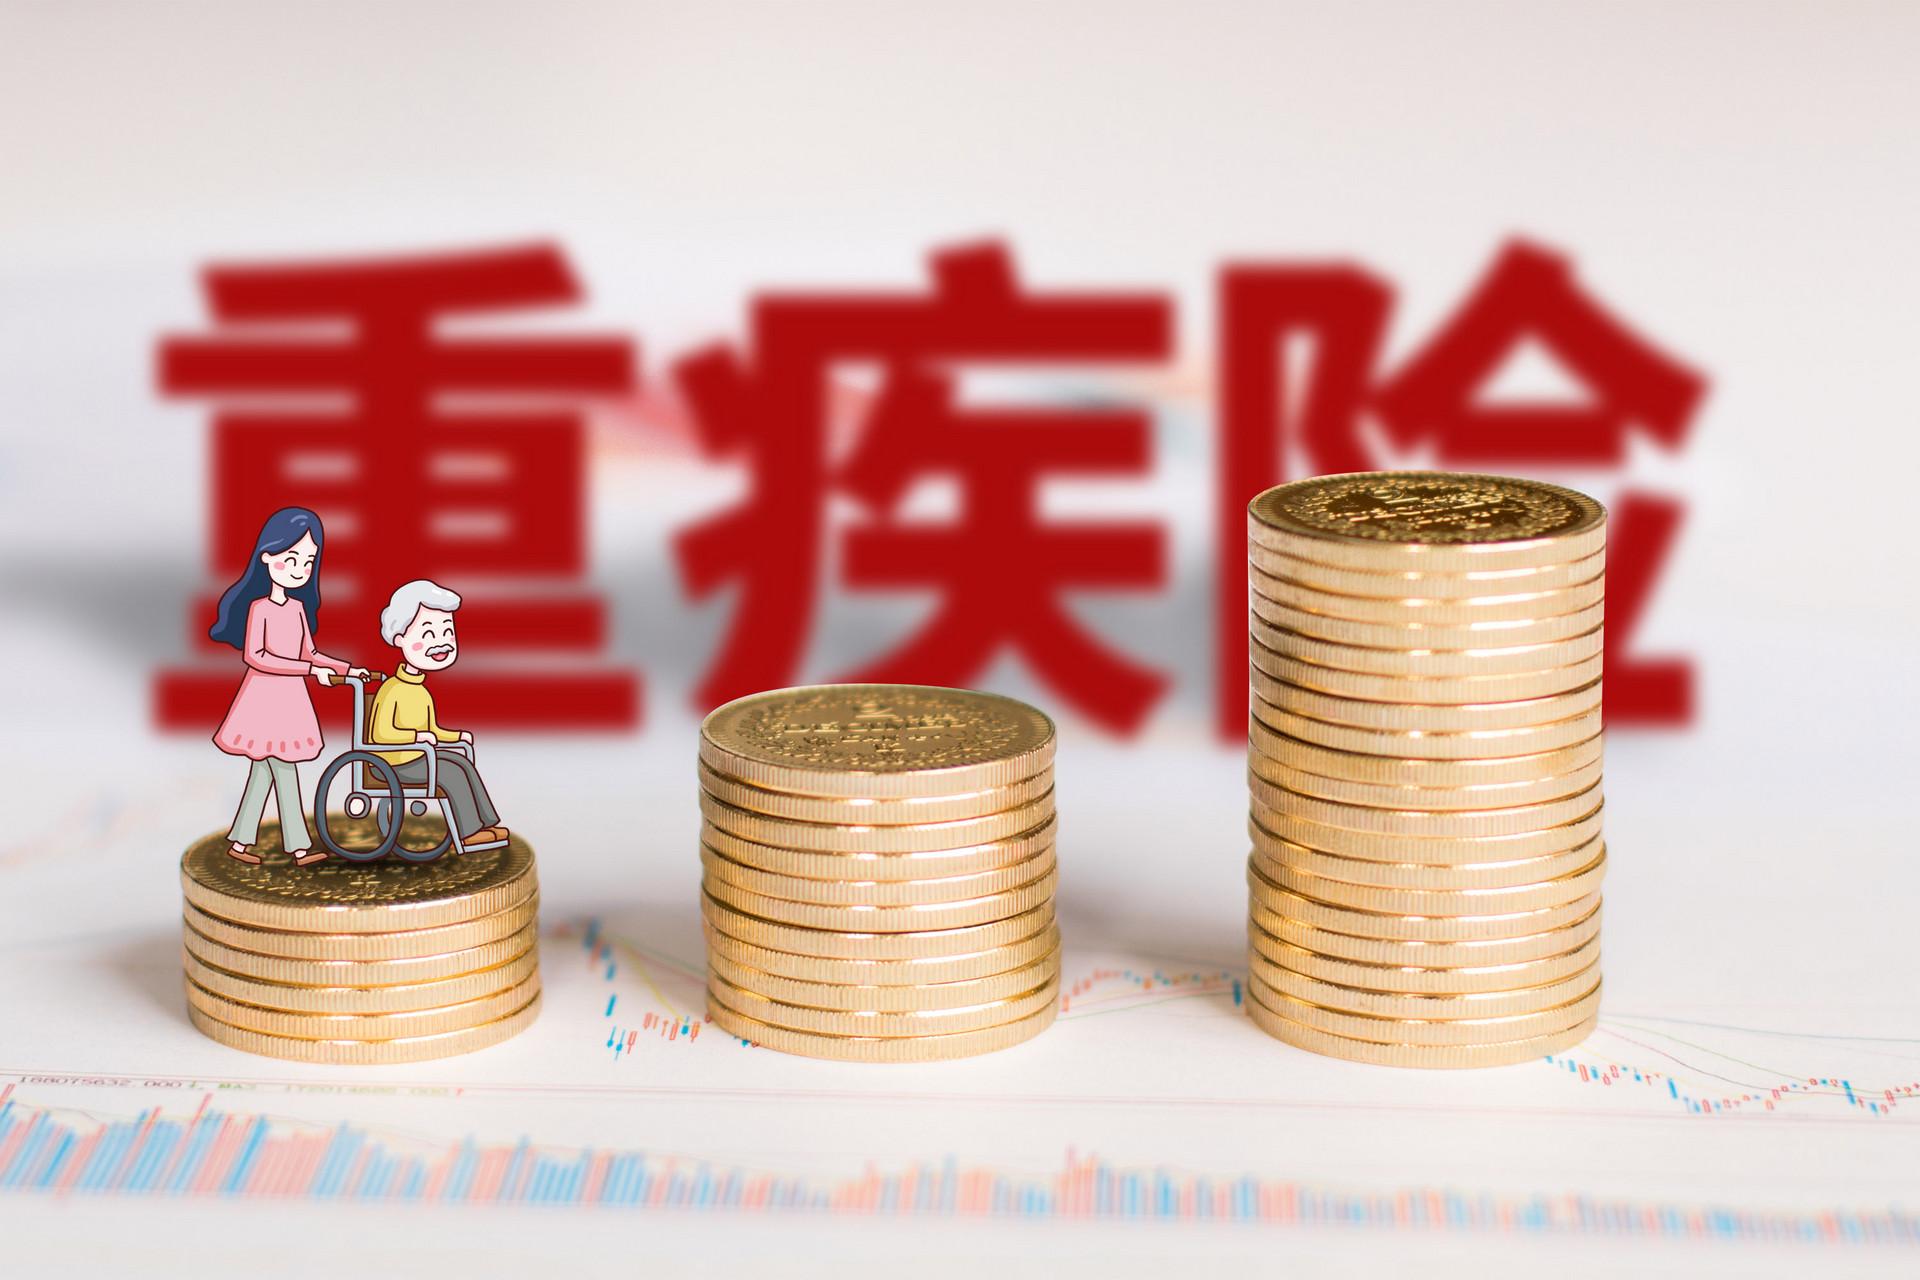 担心买了险不赔钱,投保险要明白这几点